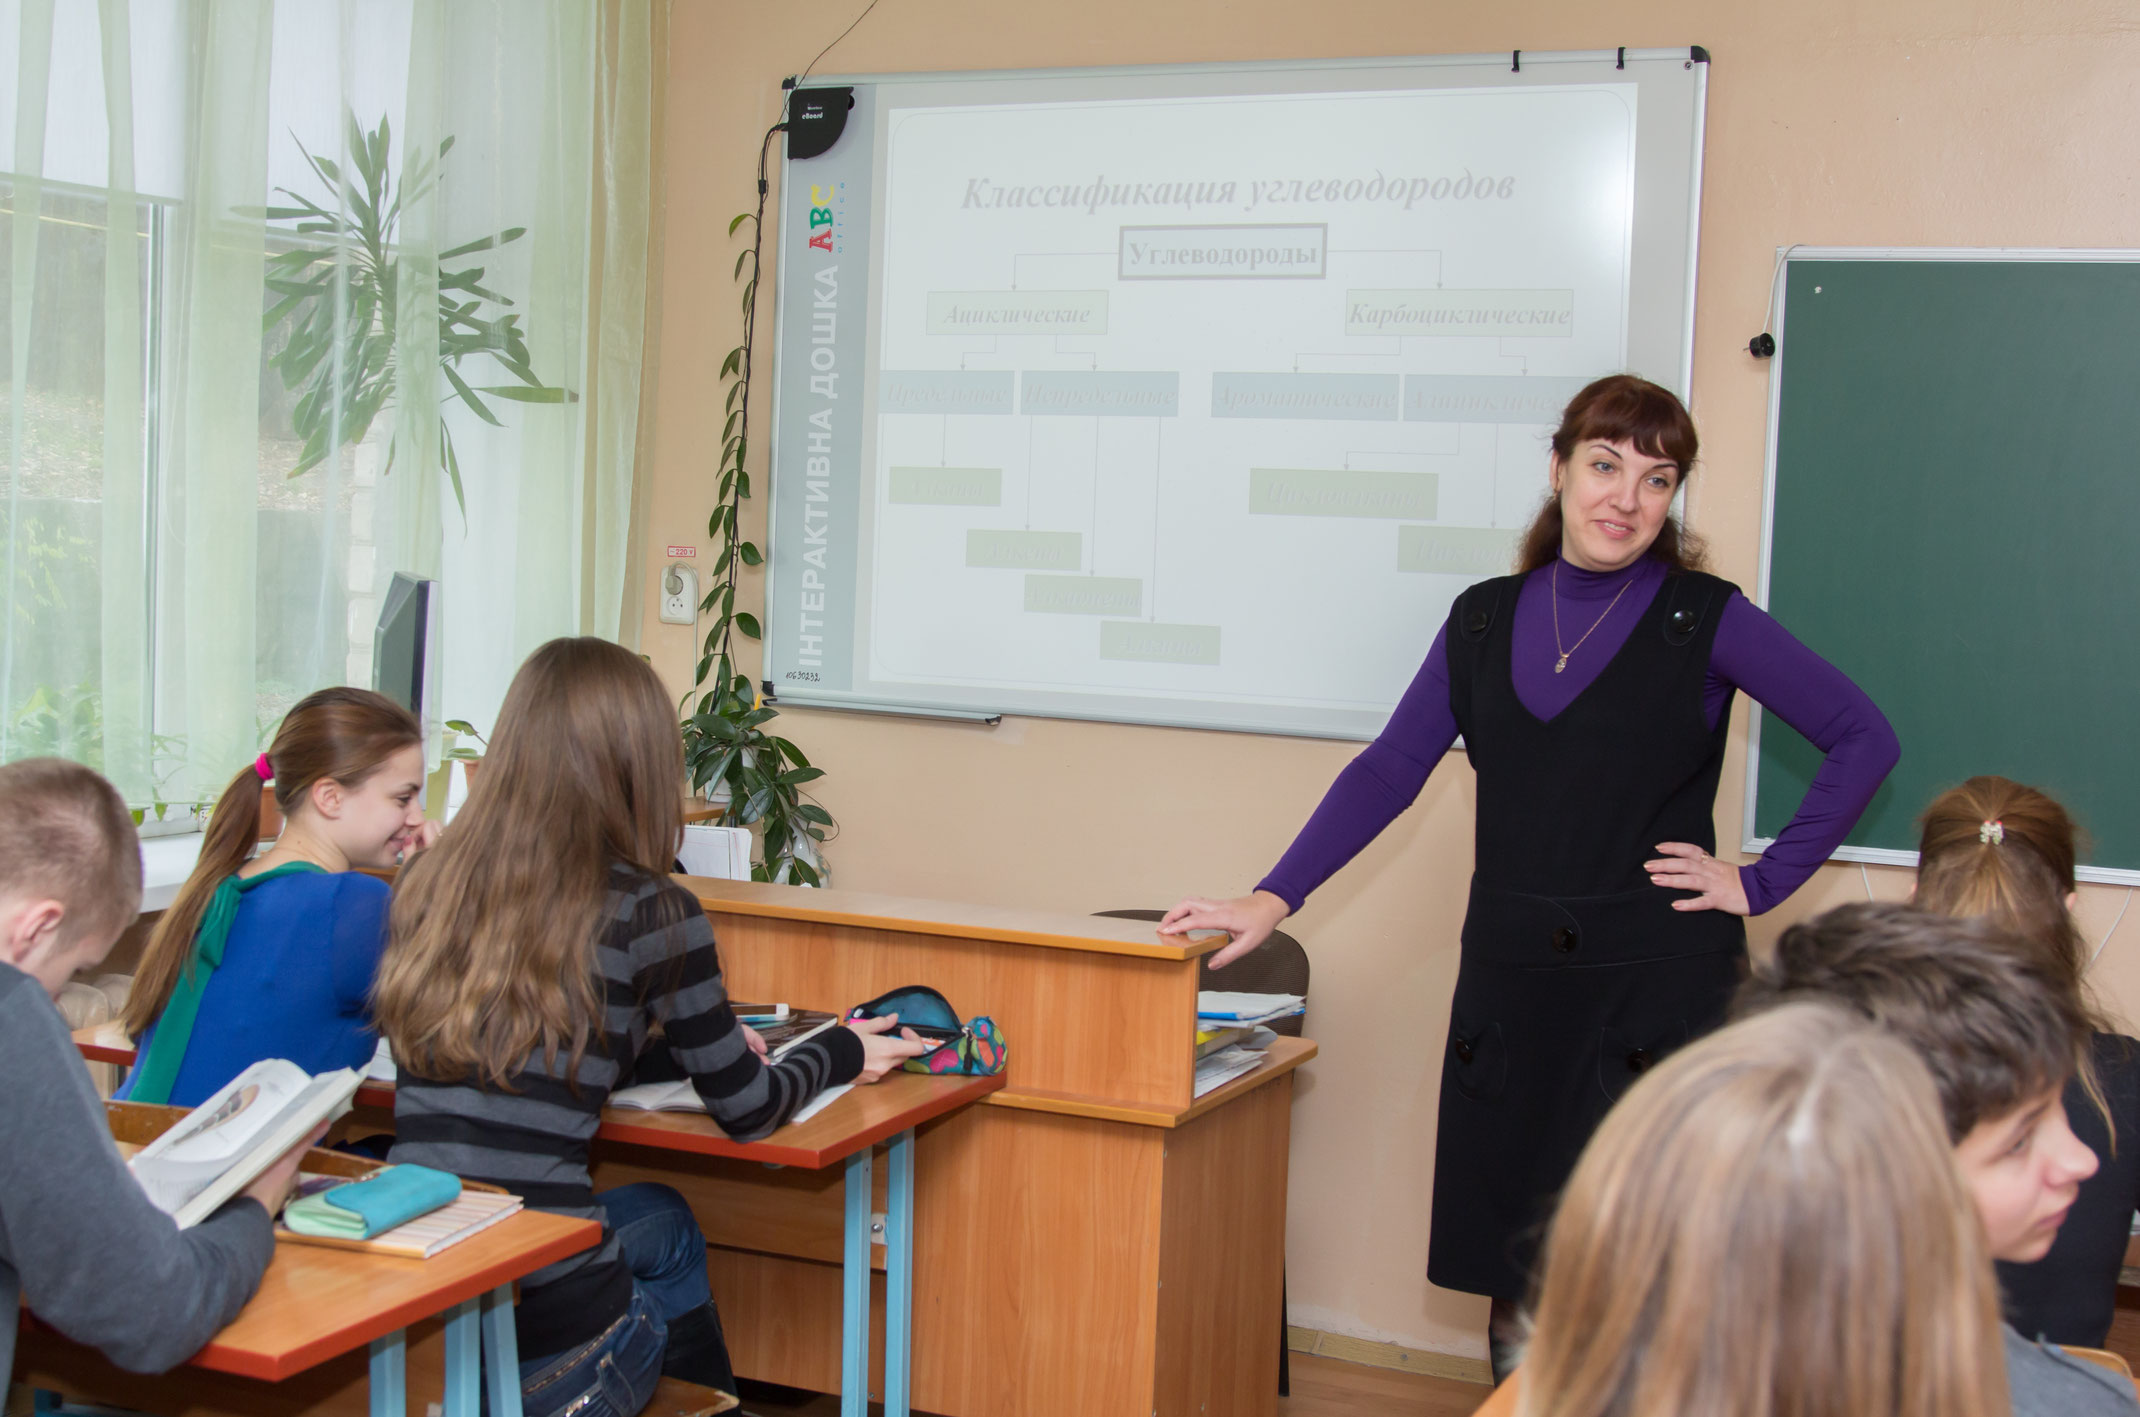 Ганна остапенко модельный бизнес лабытнанги